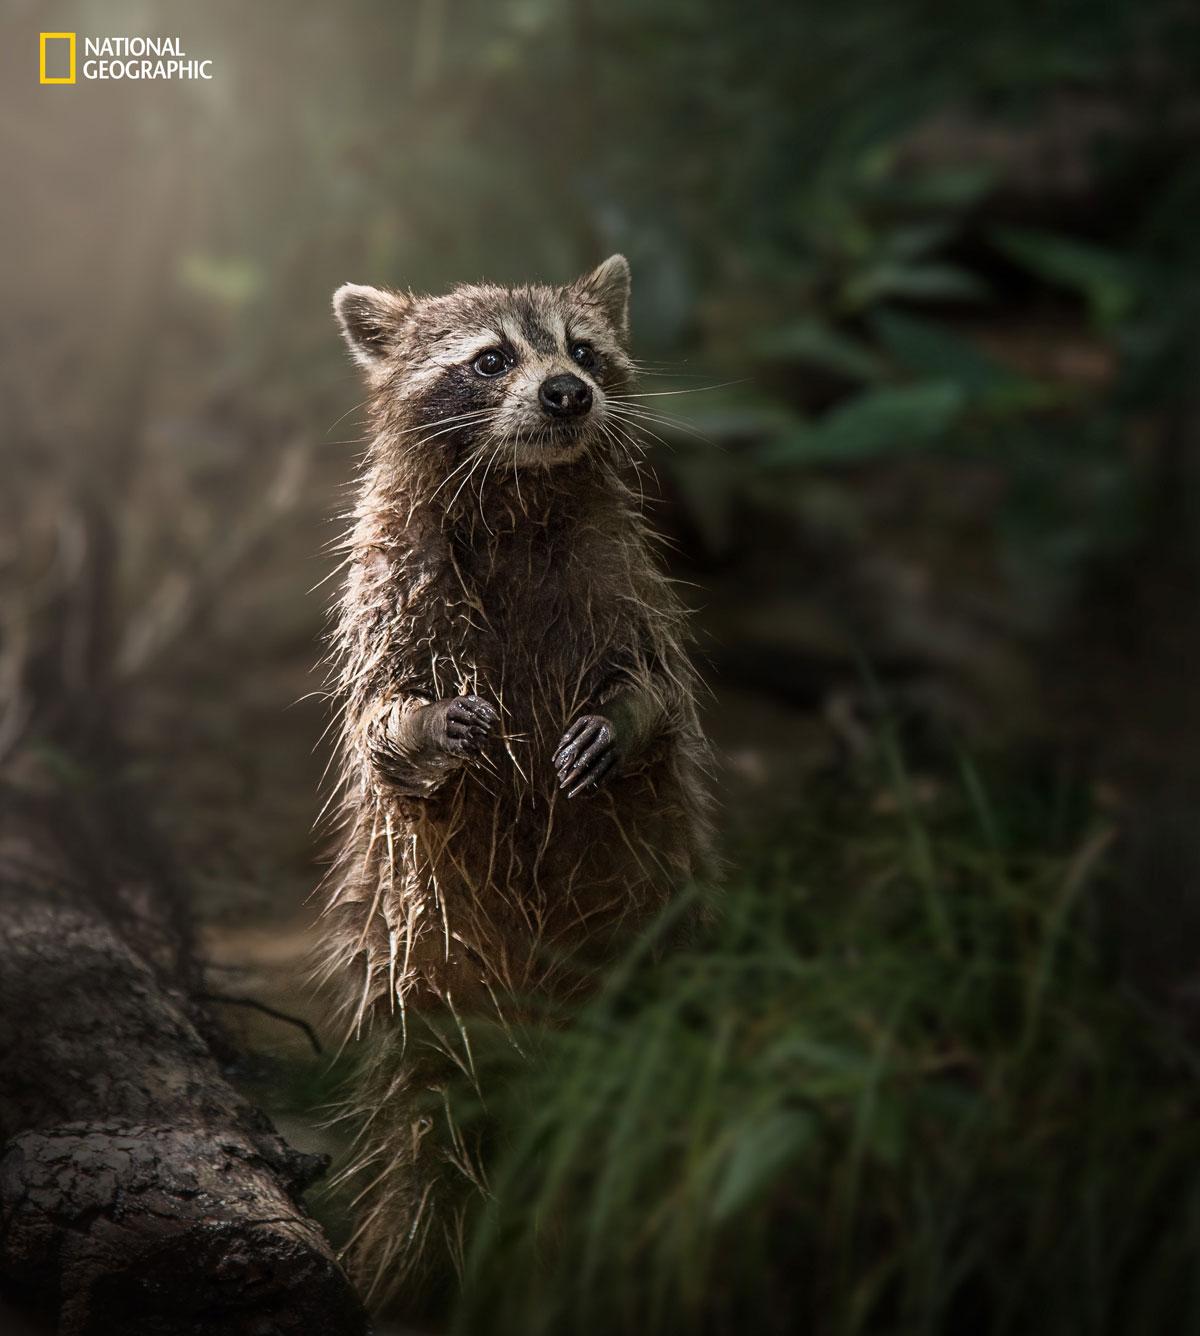 Интересные фотографии с конкурса National Geographic 2016